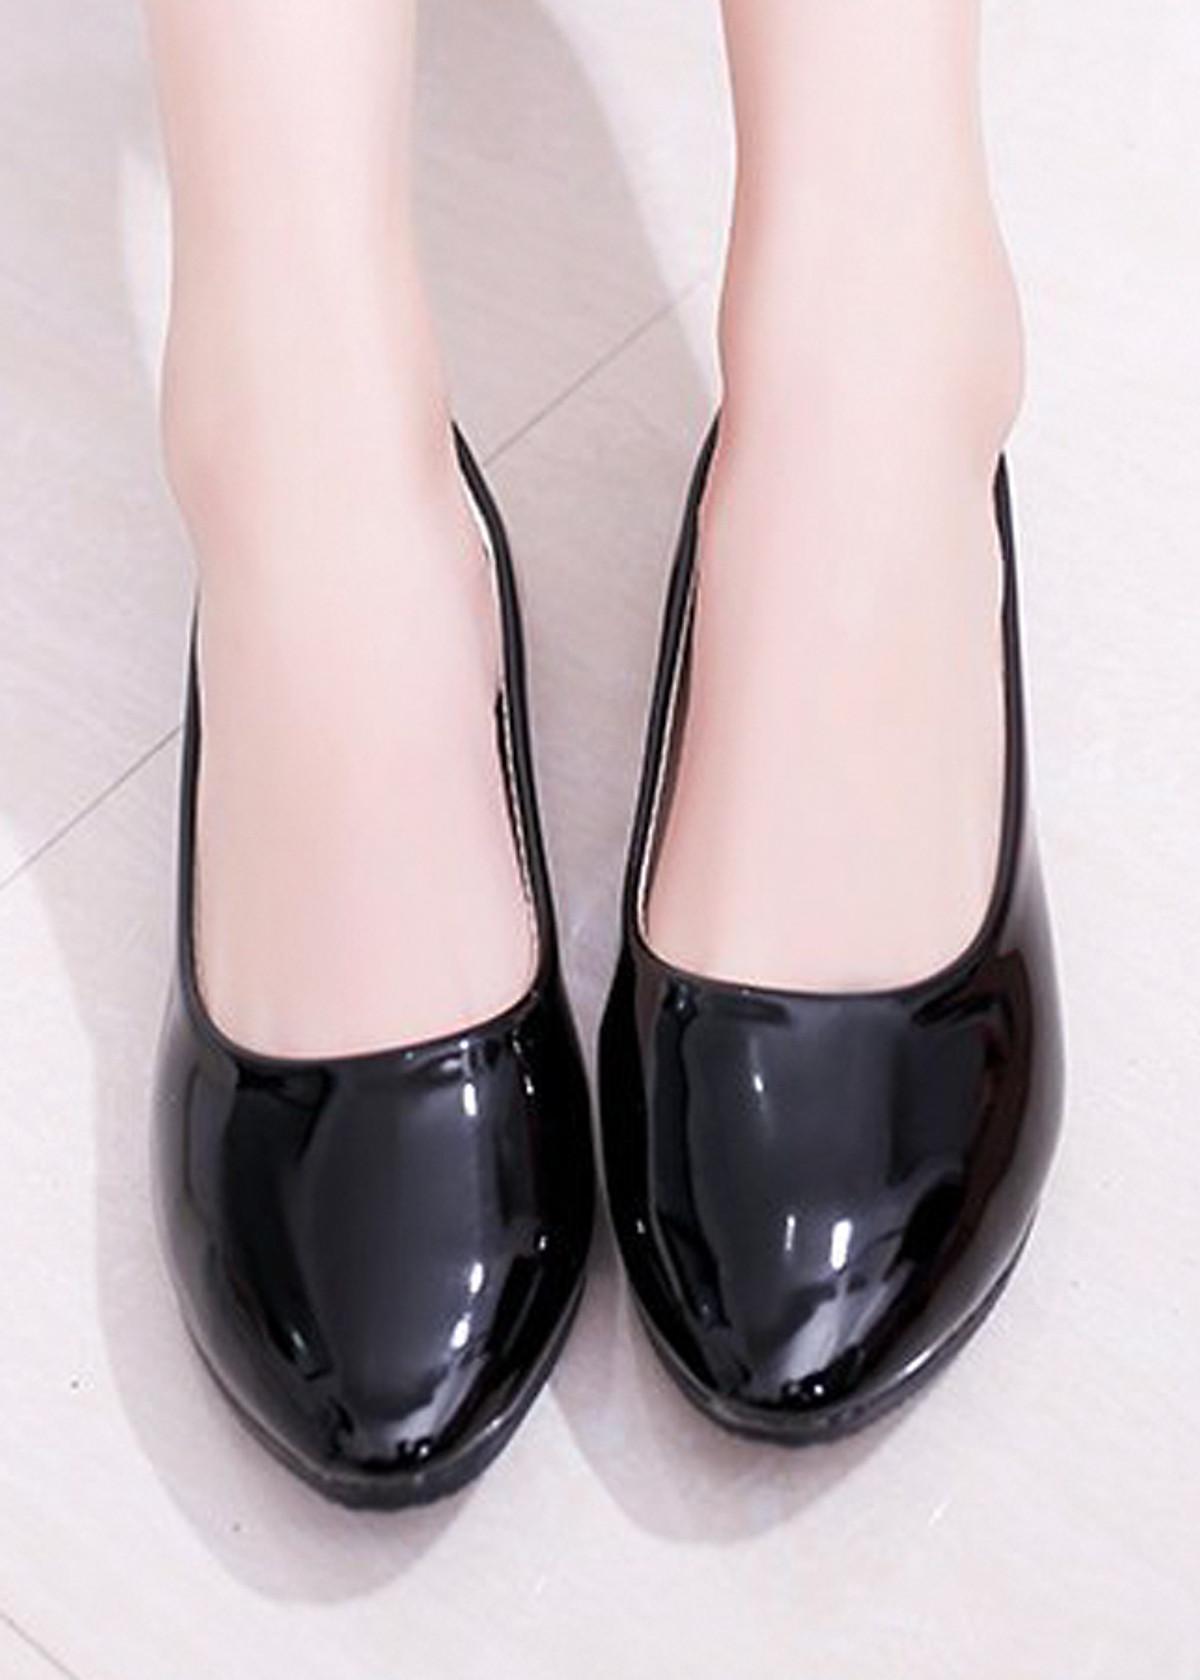 Giày búp bê da bóng mềm không đau chân , dáng chuẩn 96309 60